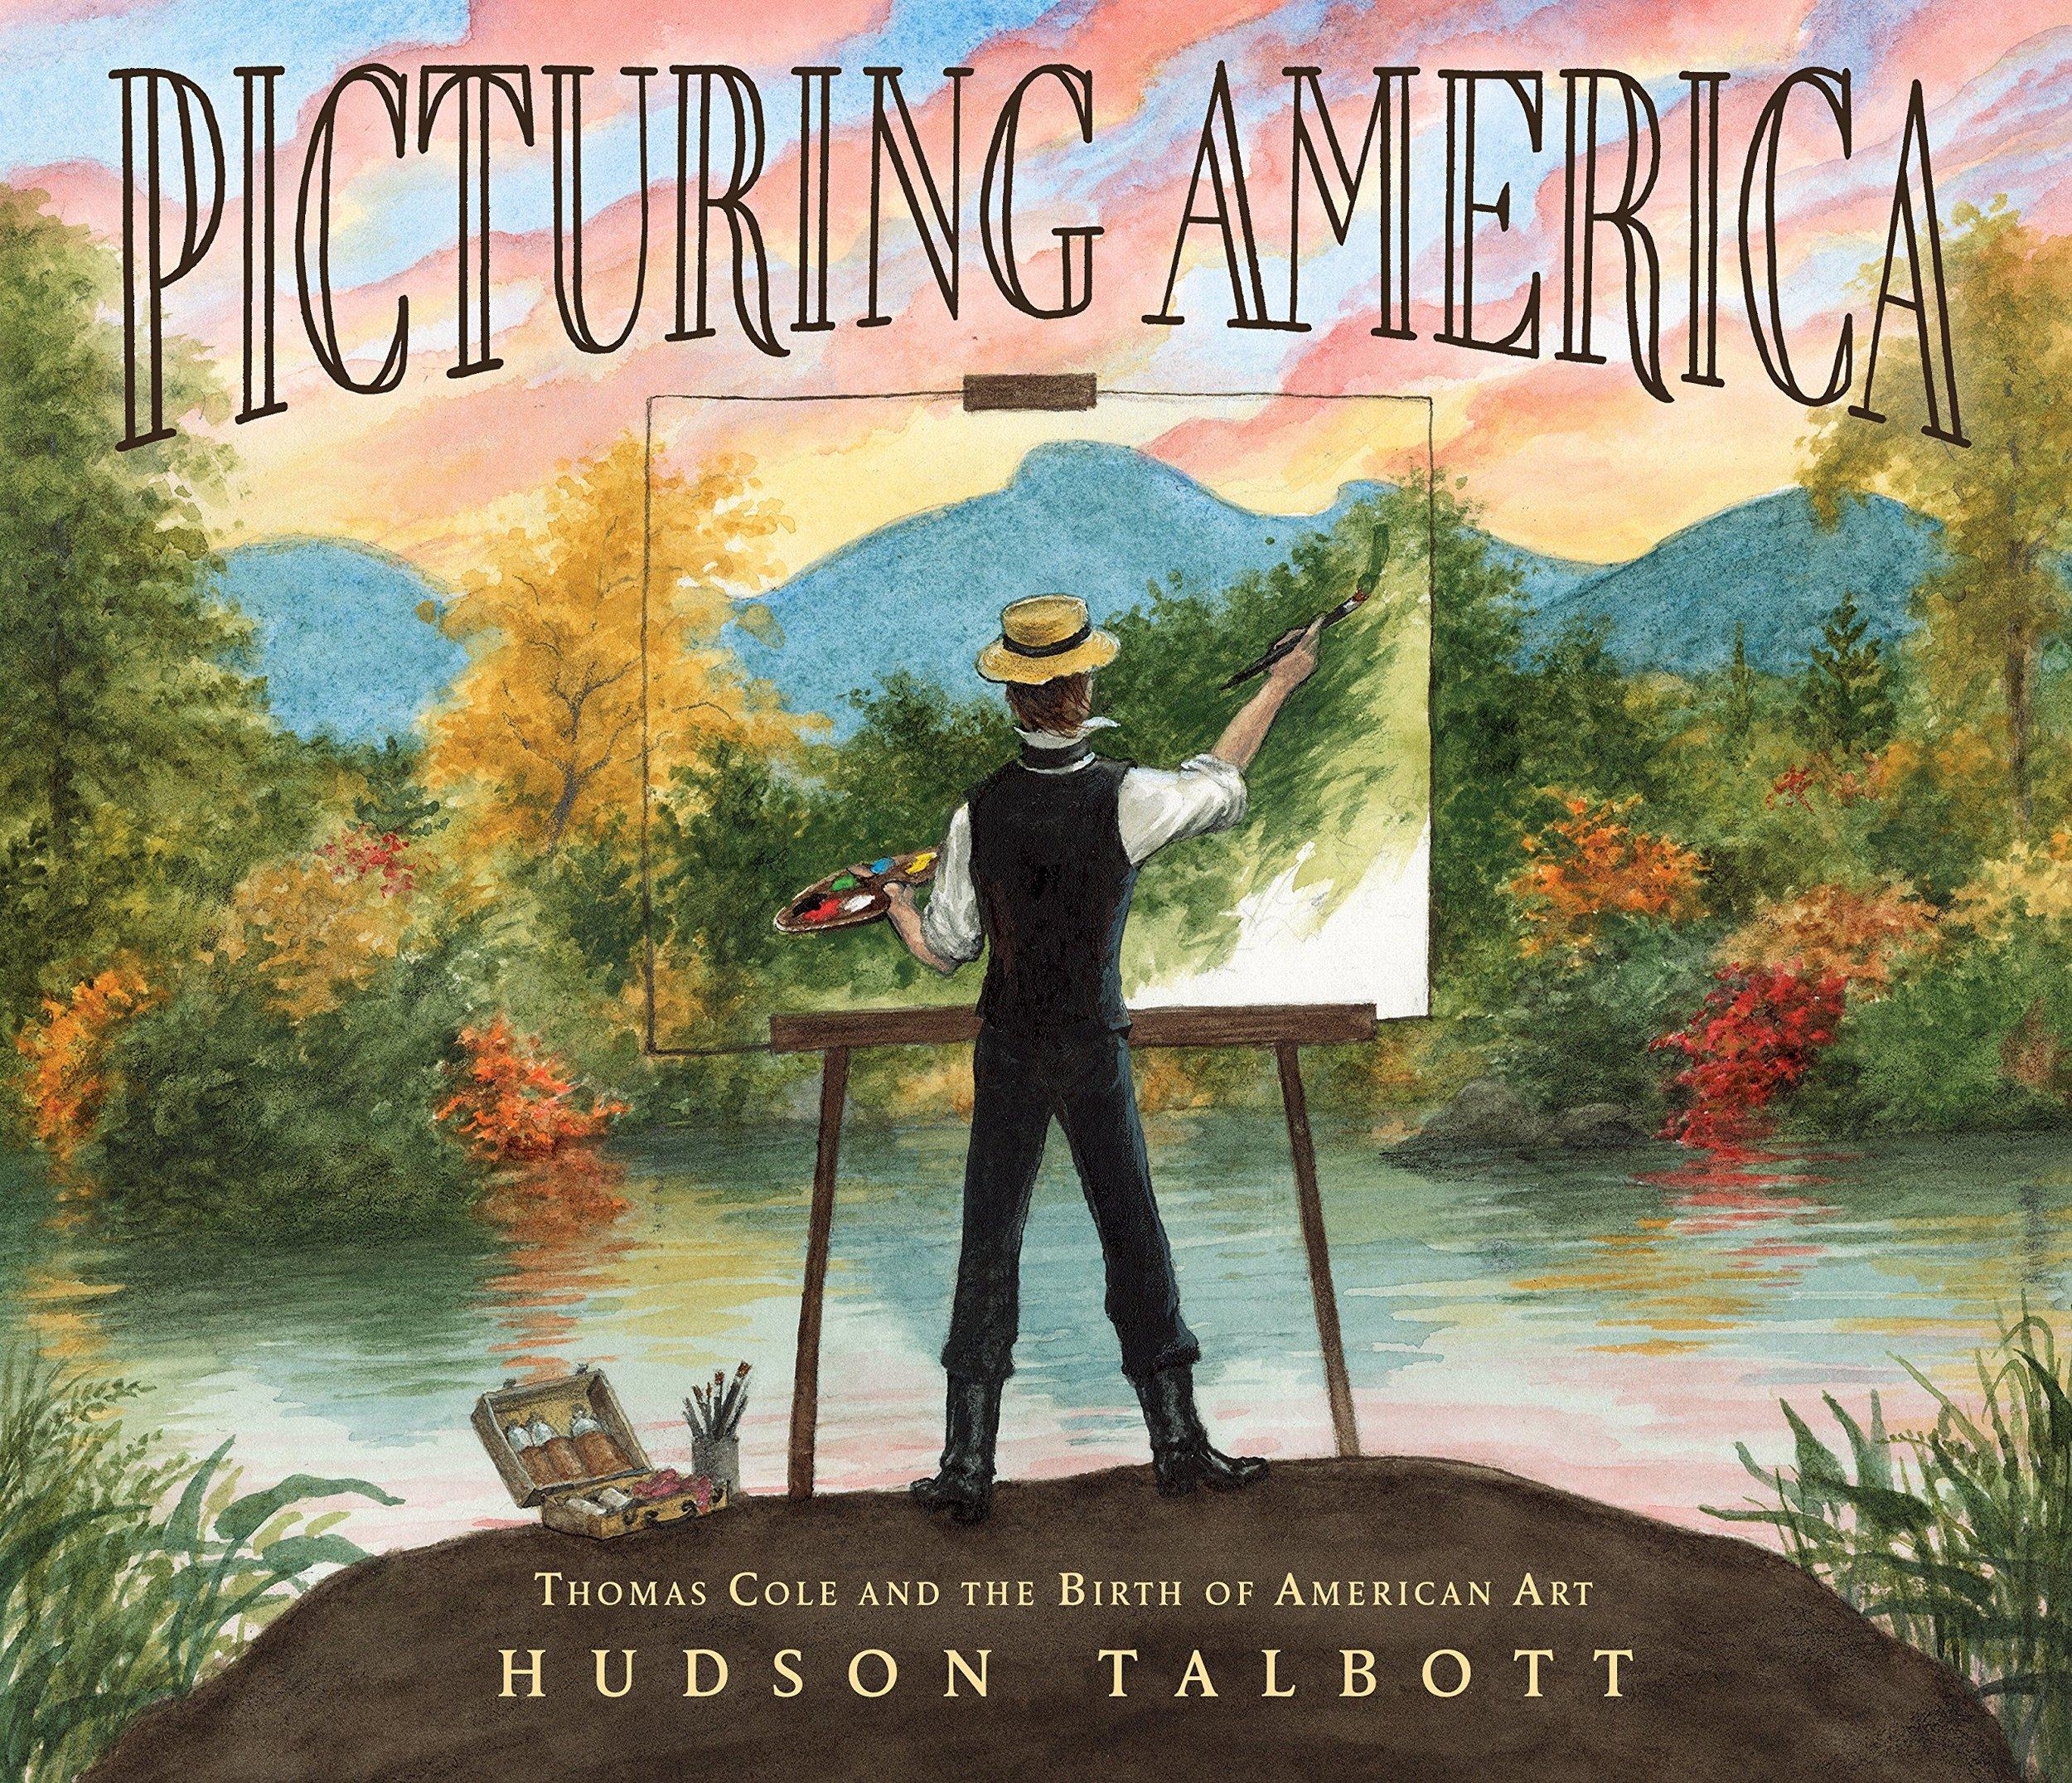 Picturing America Hudson Talbot.jpg